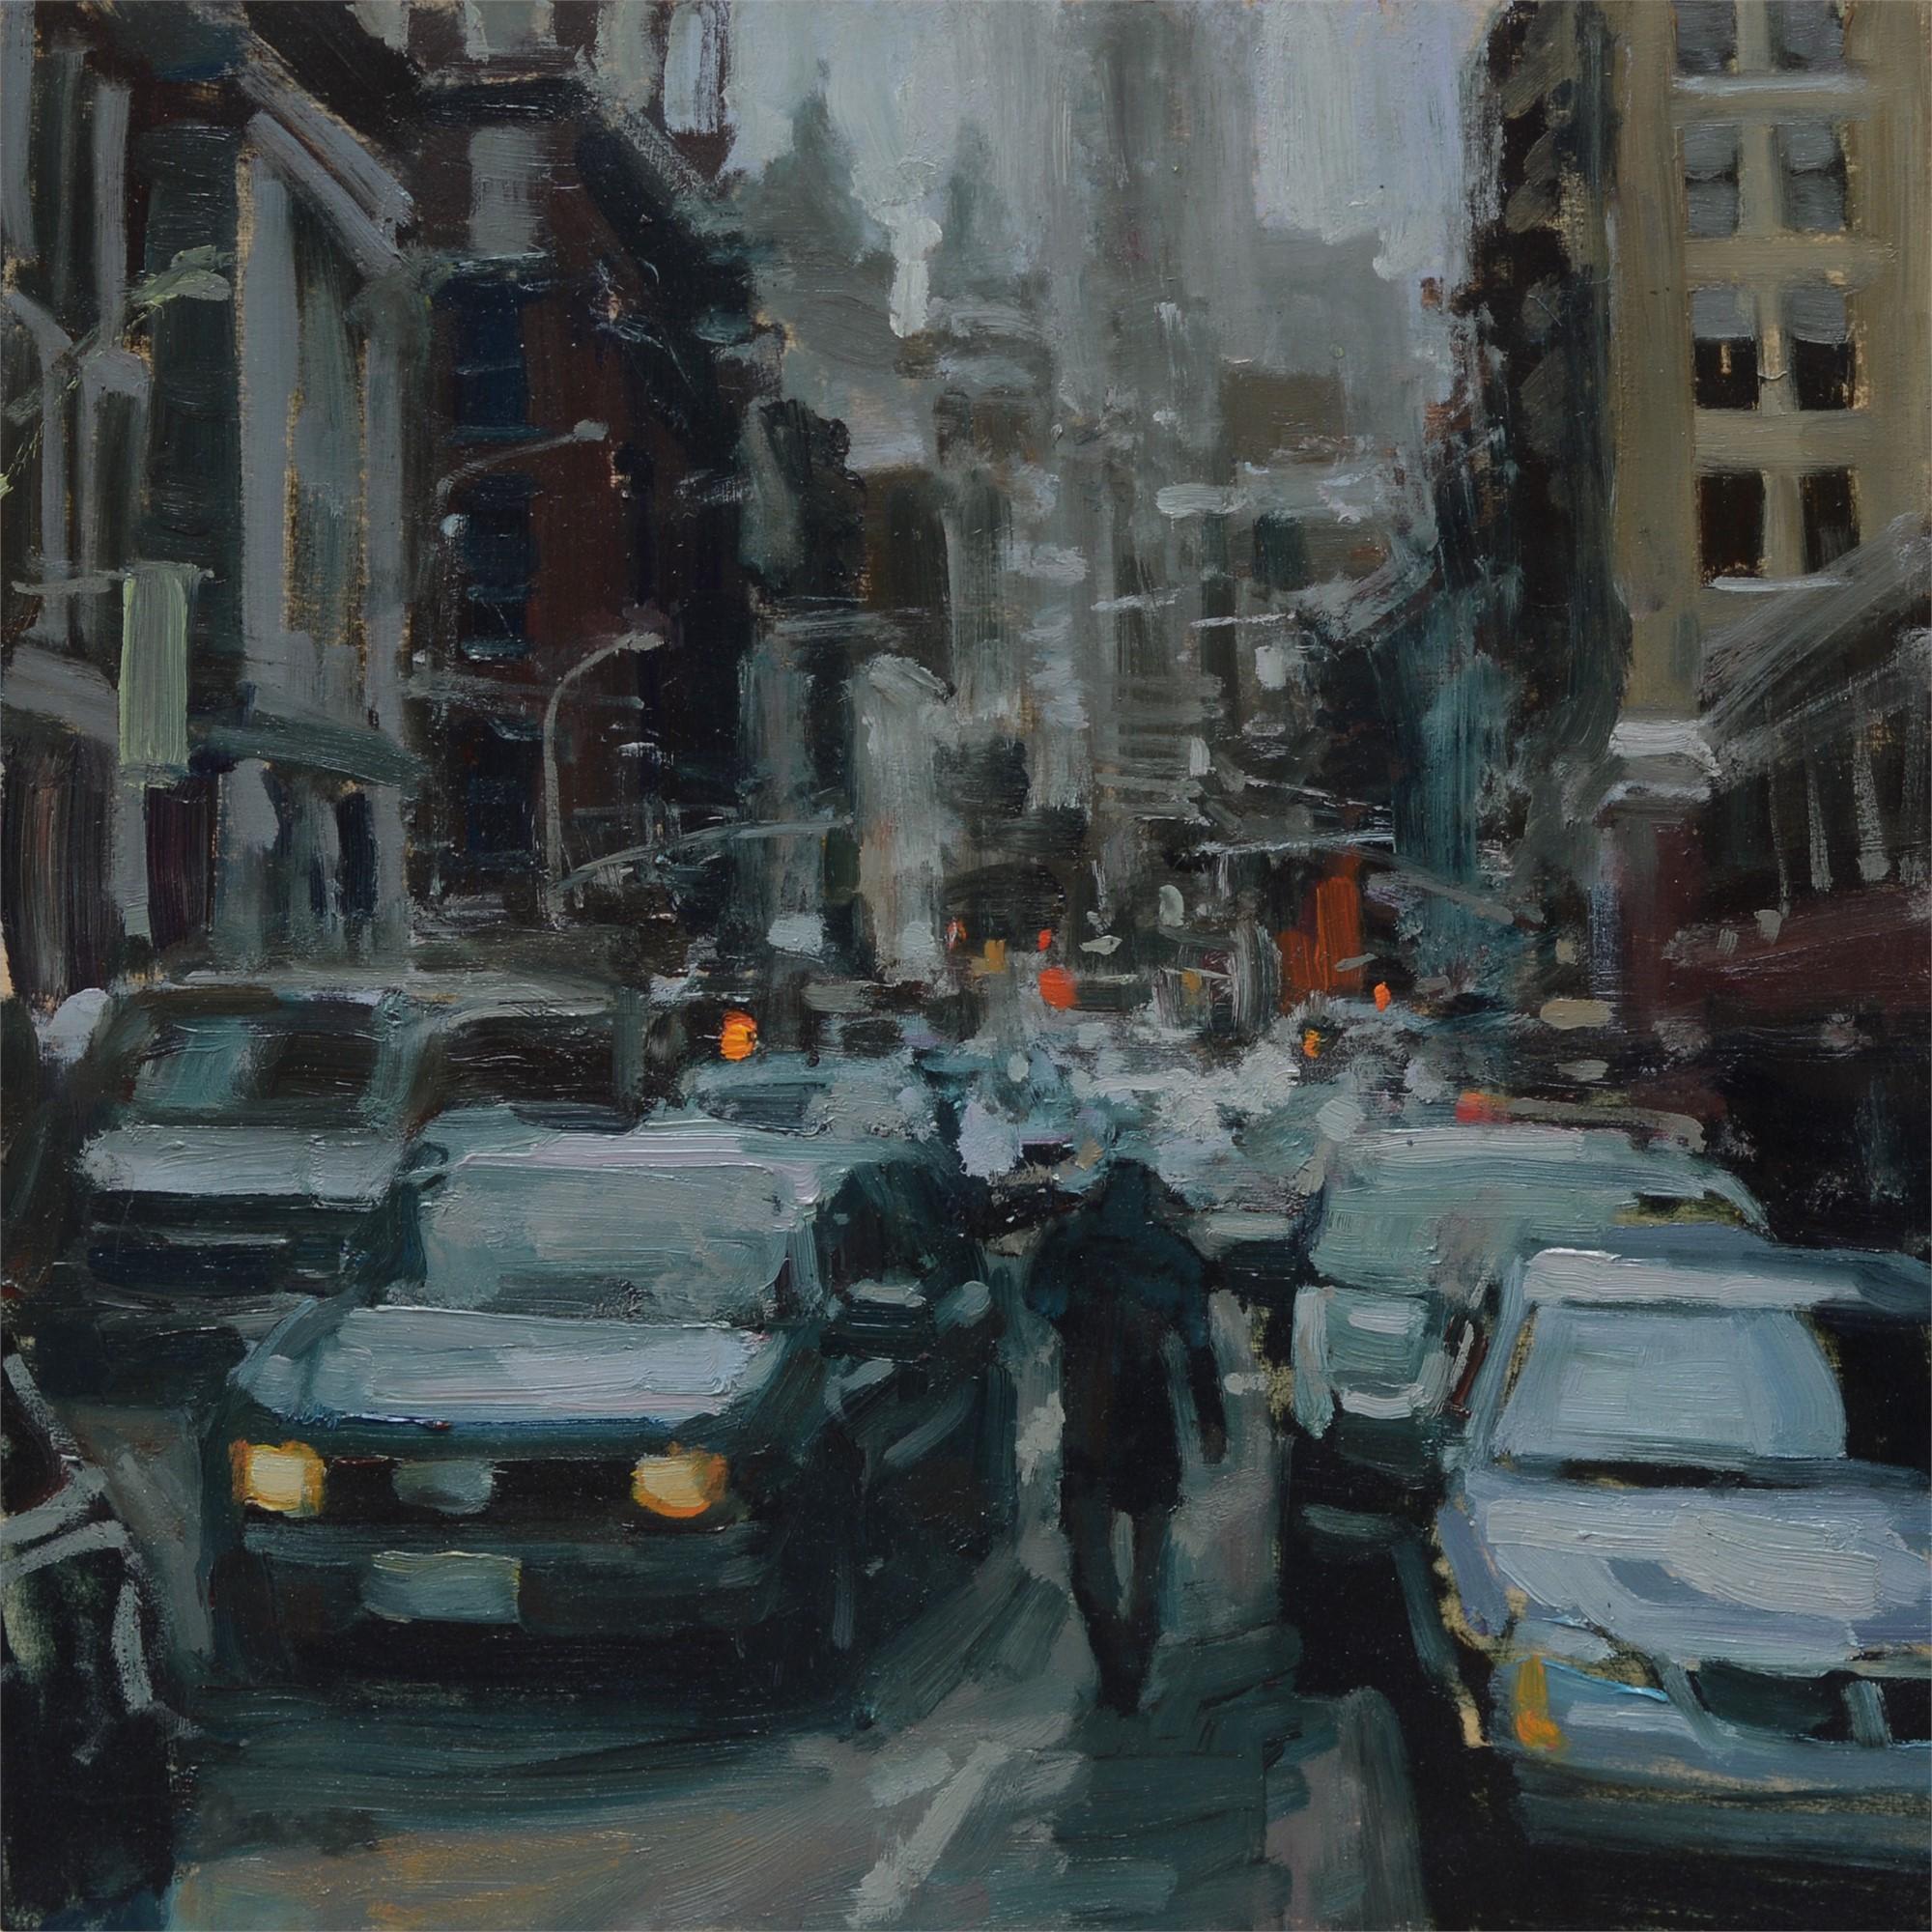 City #3 by Jim Beckner